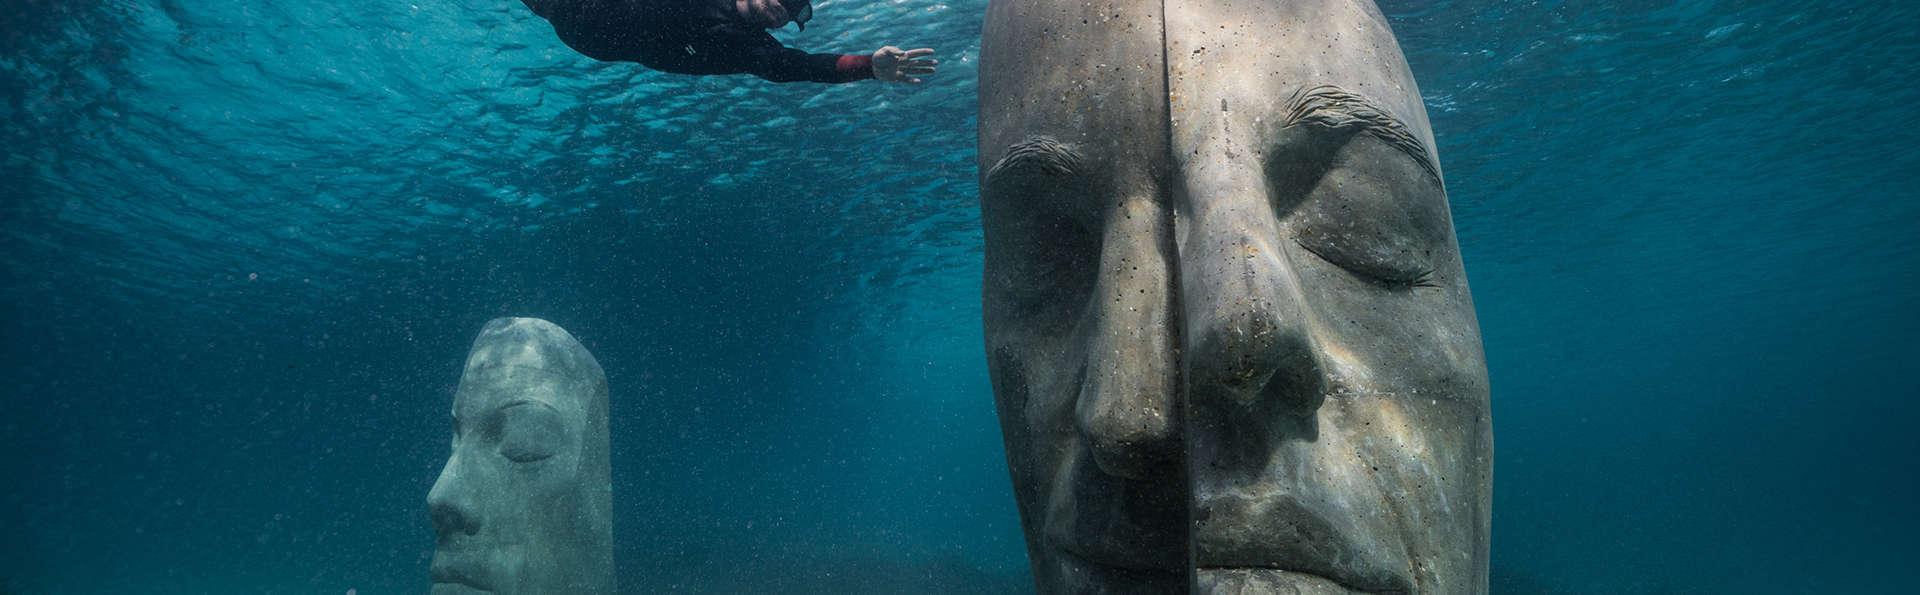 Séjour cannois avec accès au spa et découverte des statues sous-marines en bàteau